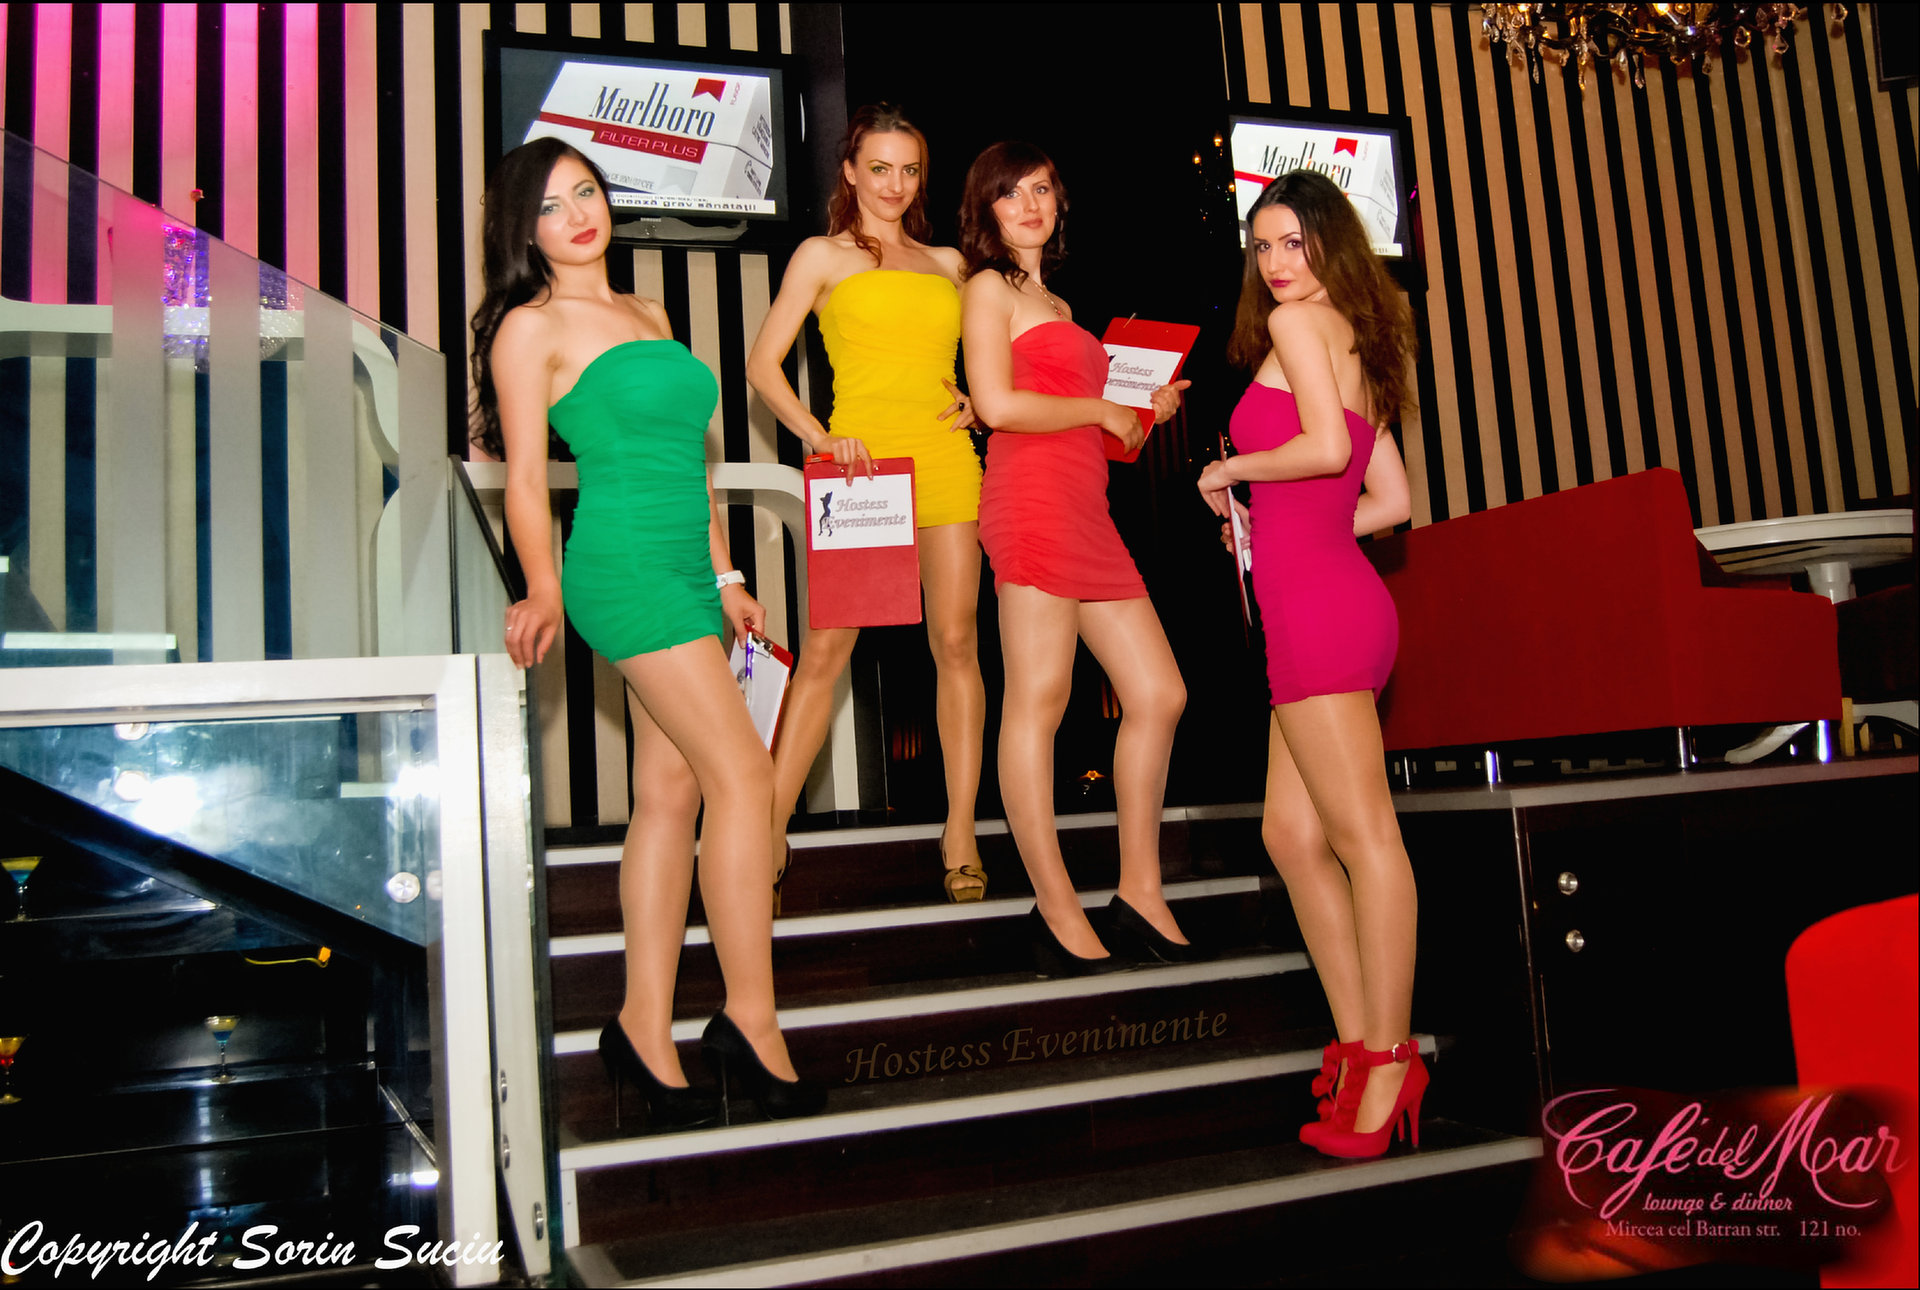 Hostess+Constanta+-+Cafe+del+Mar+(5).jpg